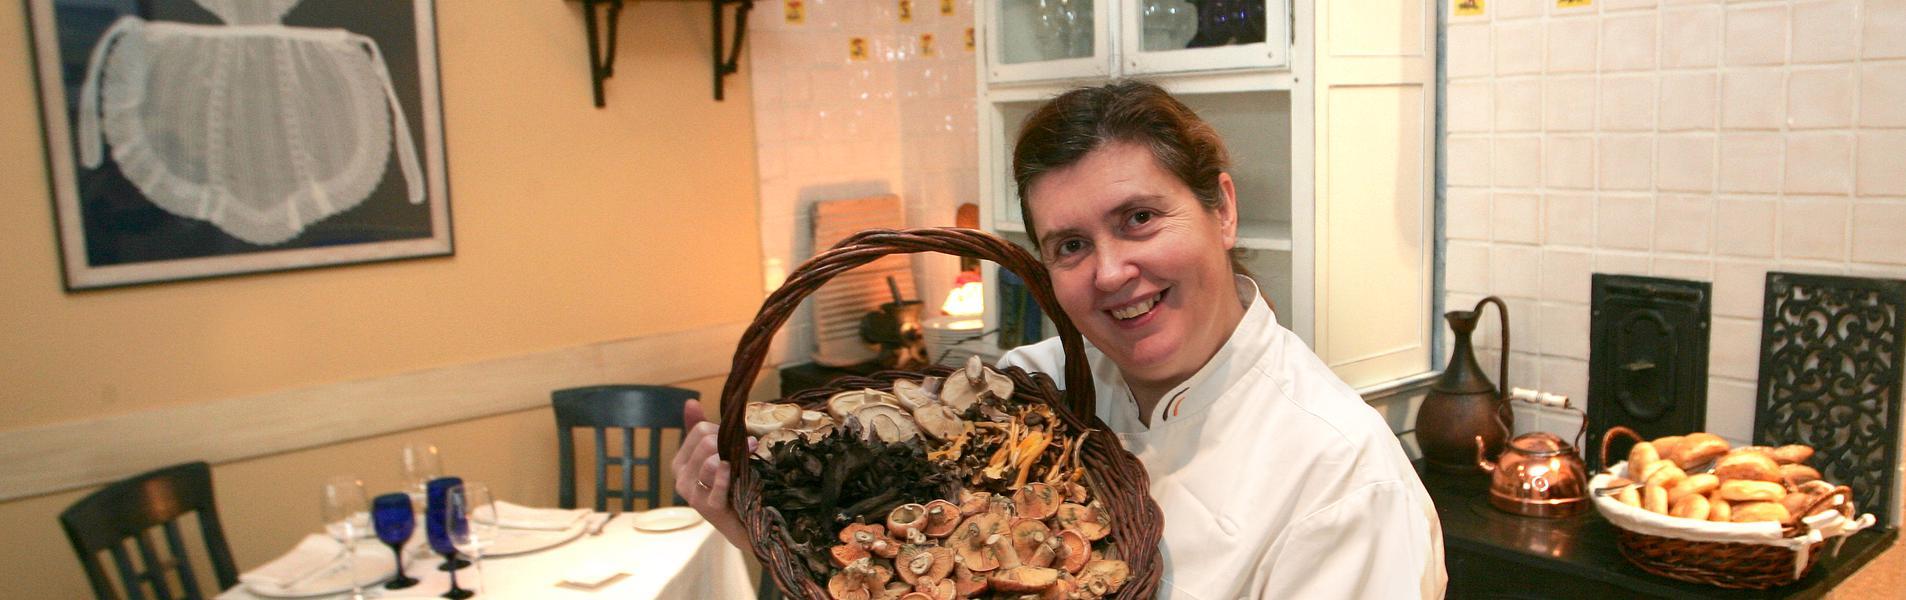 Restaurante La Cocina De Maria Luisa En Madrid Guia Repsol